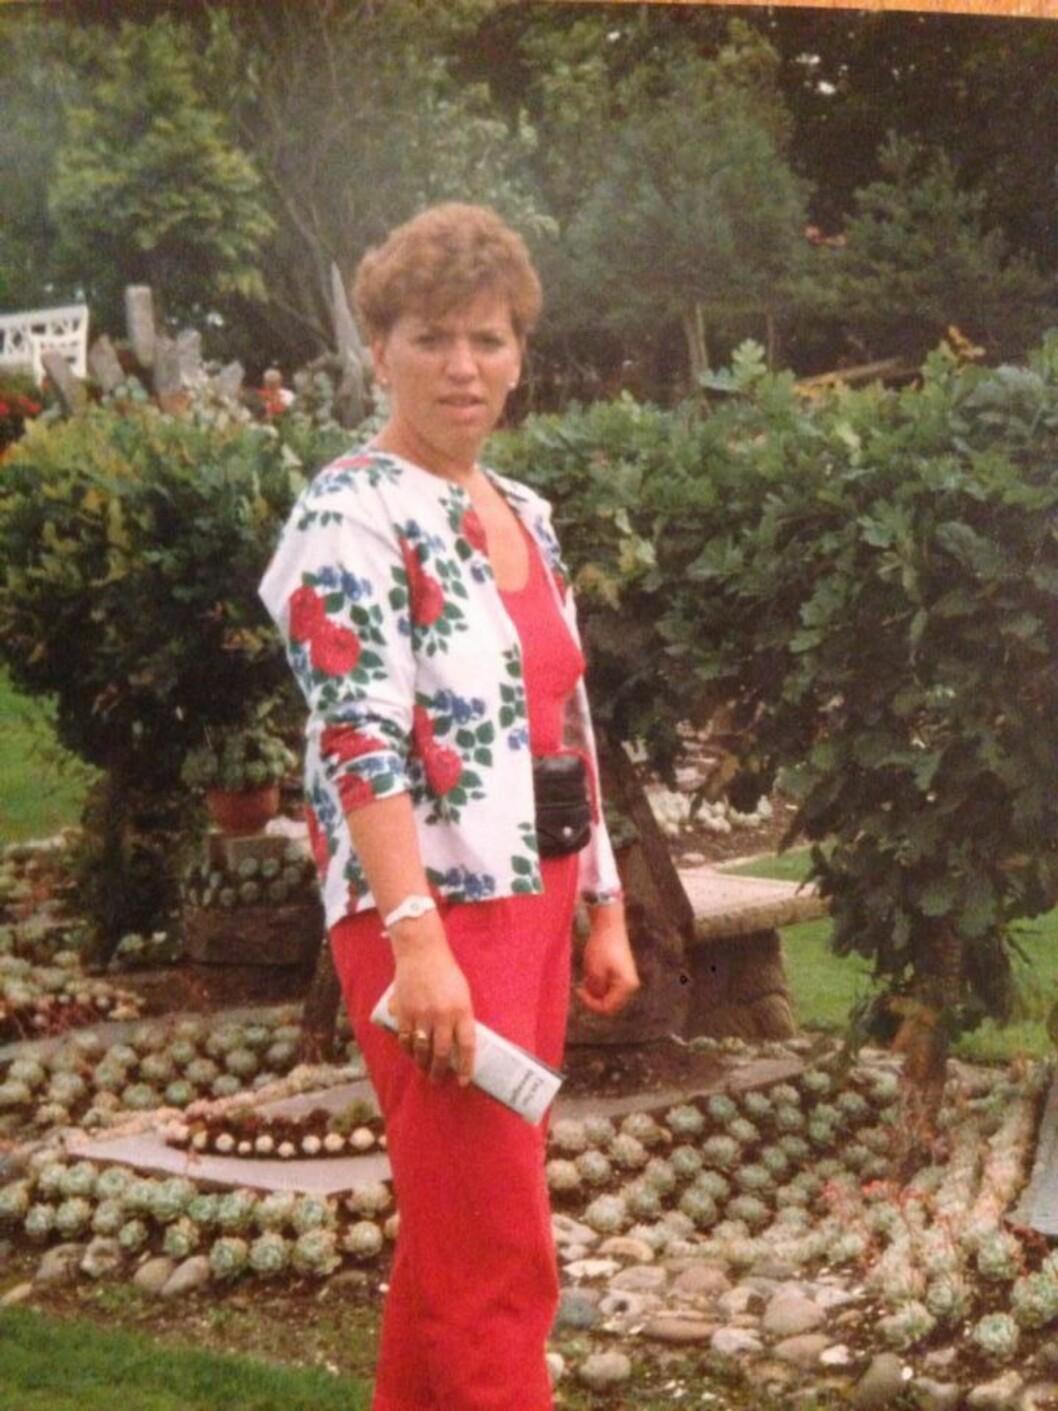 POPULÆR: Moren til Katrine, Evy, var godt likt og hadde mange venner. Her fra ferie i Danmark på 90-tallet. – Mamma var alles mor, hun, minnes Katrine. Foto: Privat